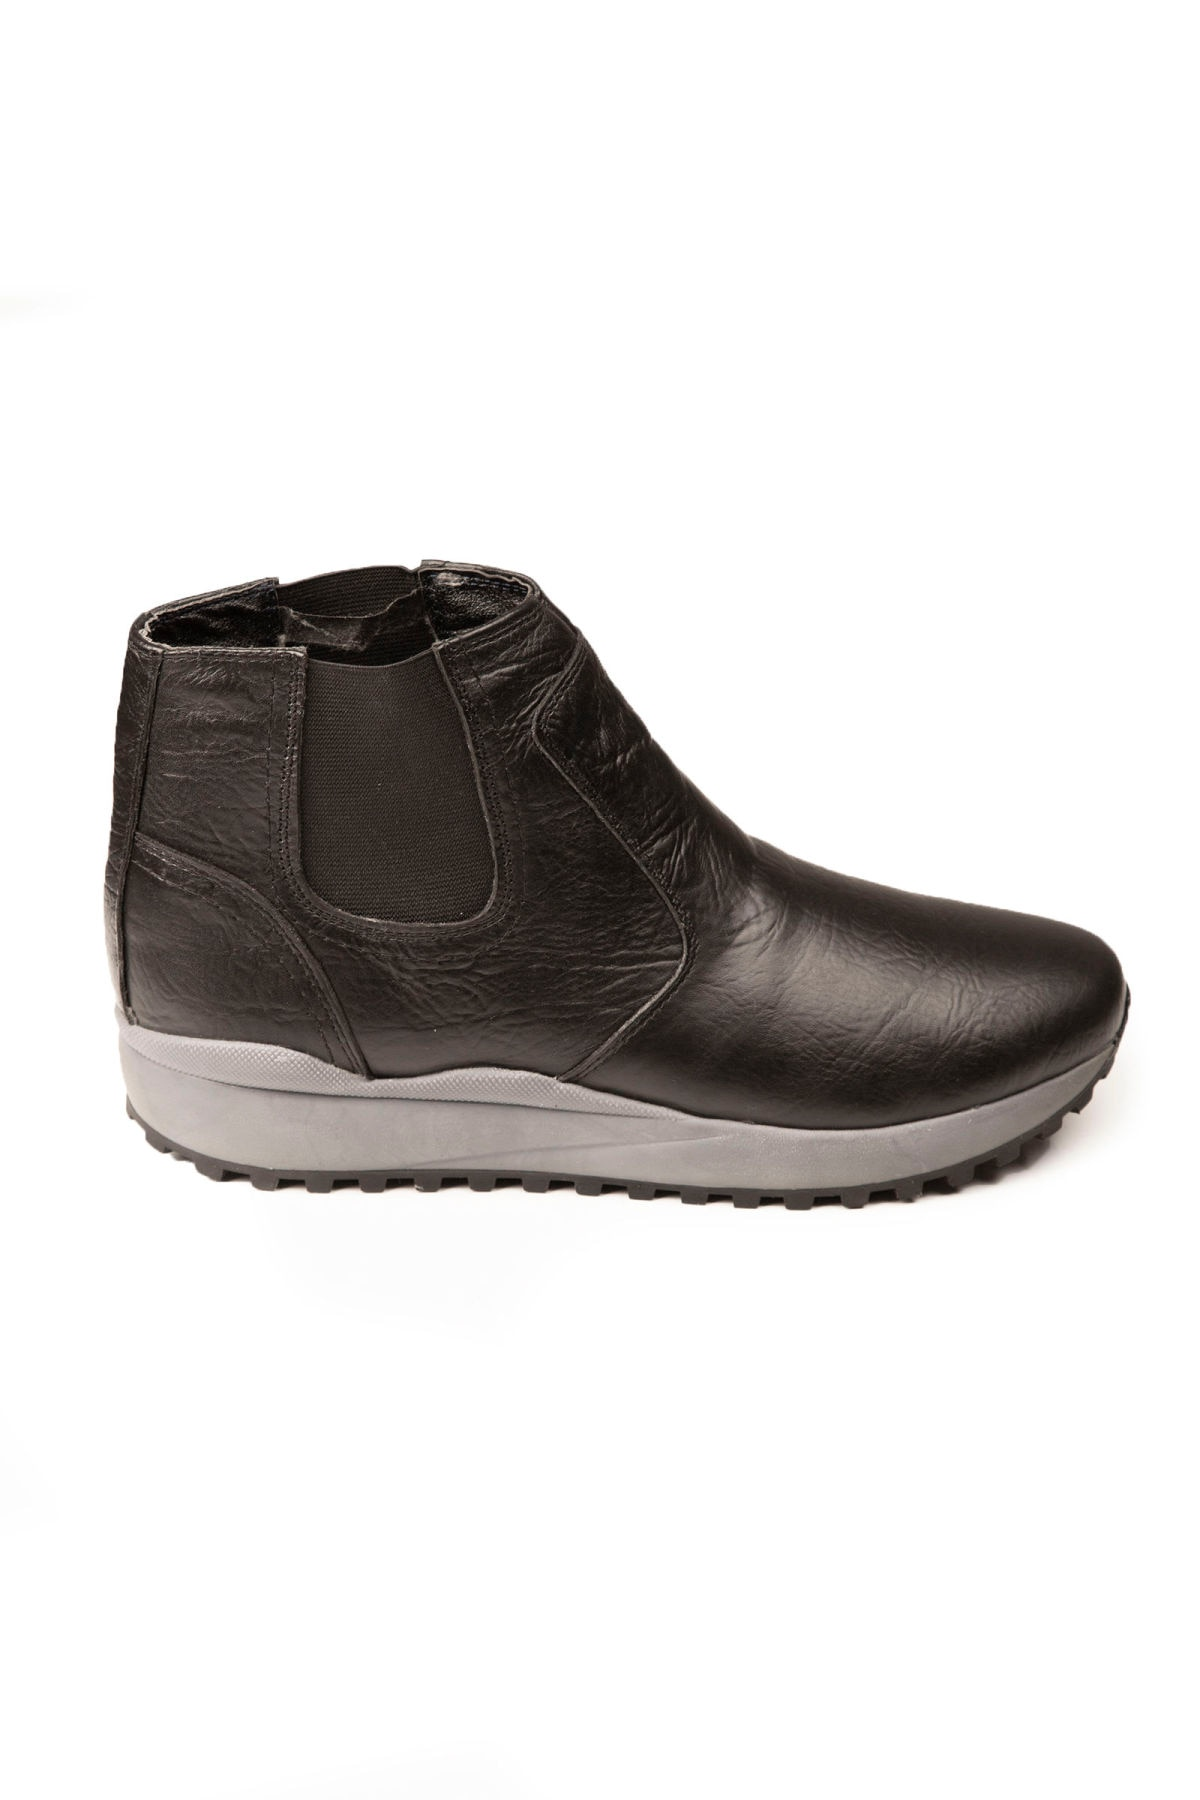 أعماق البحار الذكور بوط من الجلد الطبيعي قاعدة عالية داخل فروي أحذية عالية الجودة الخريف الشتاء حذاء بوت بنصف رقبة مريحة وفاخرة 2106433